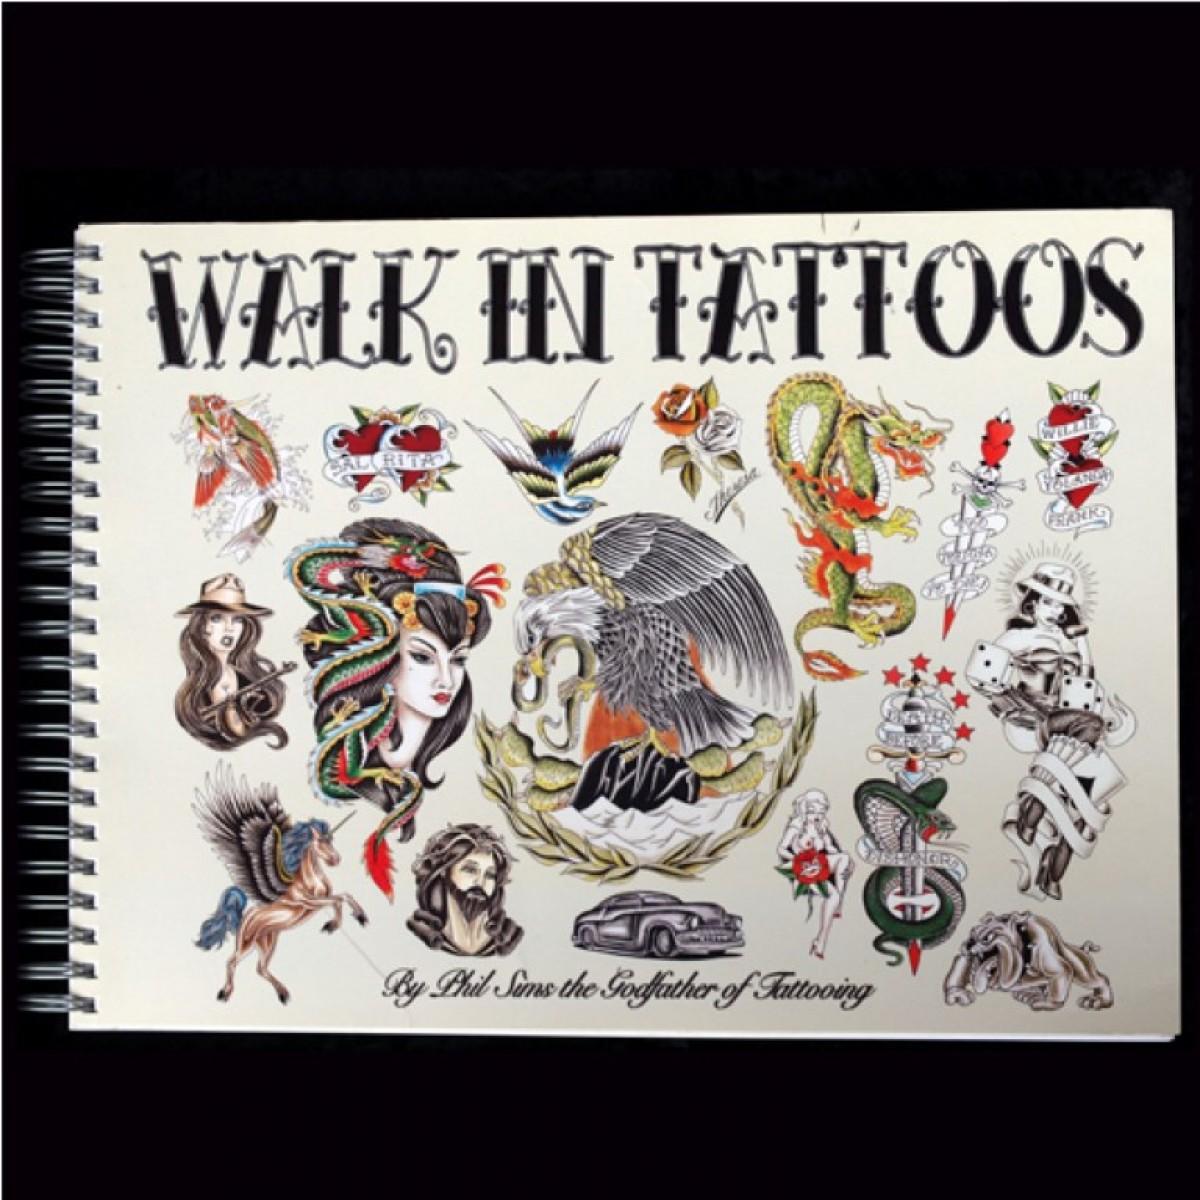 Walk in tattoos for Tattoo amsterdam walk in